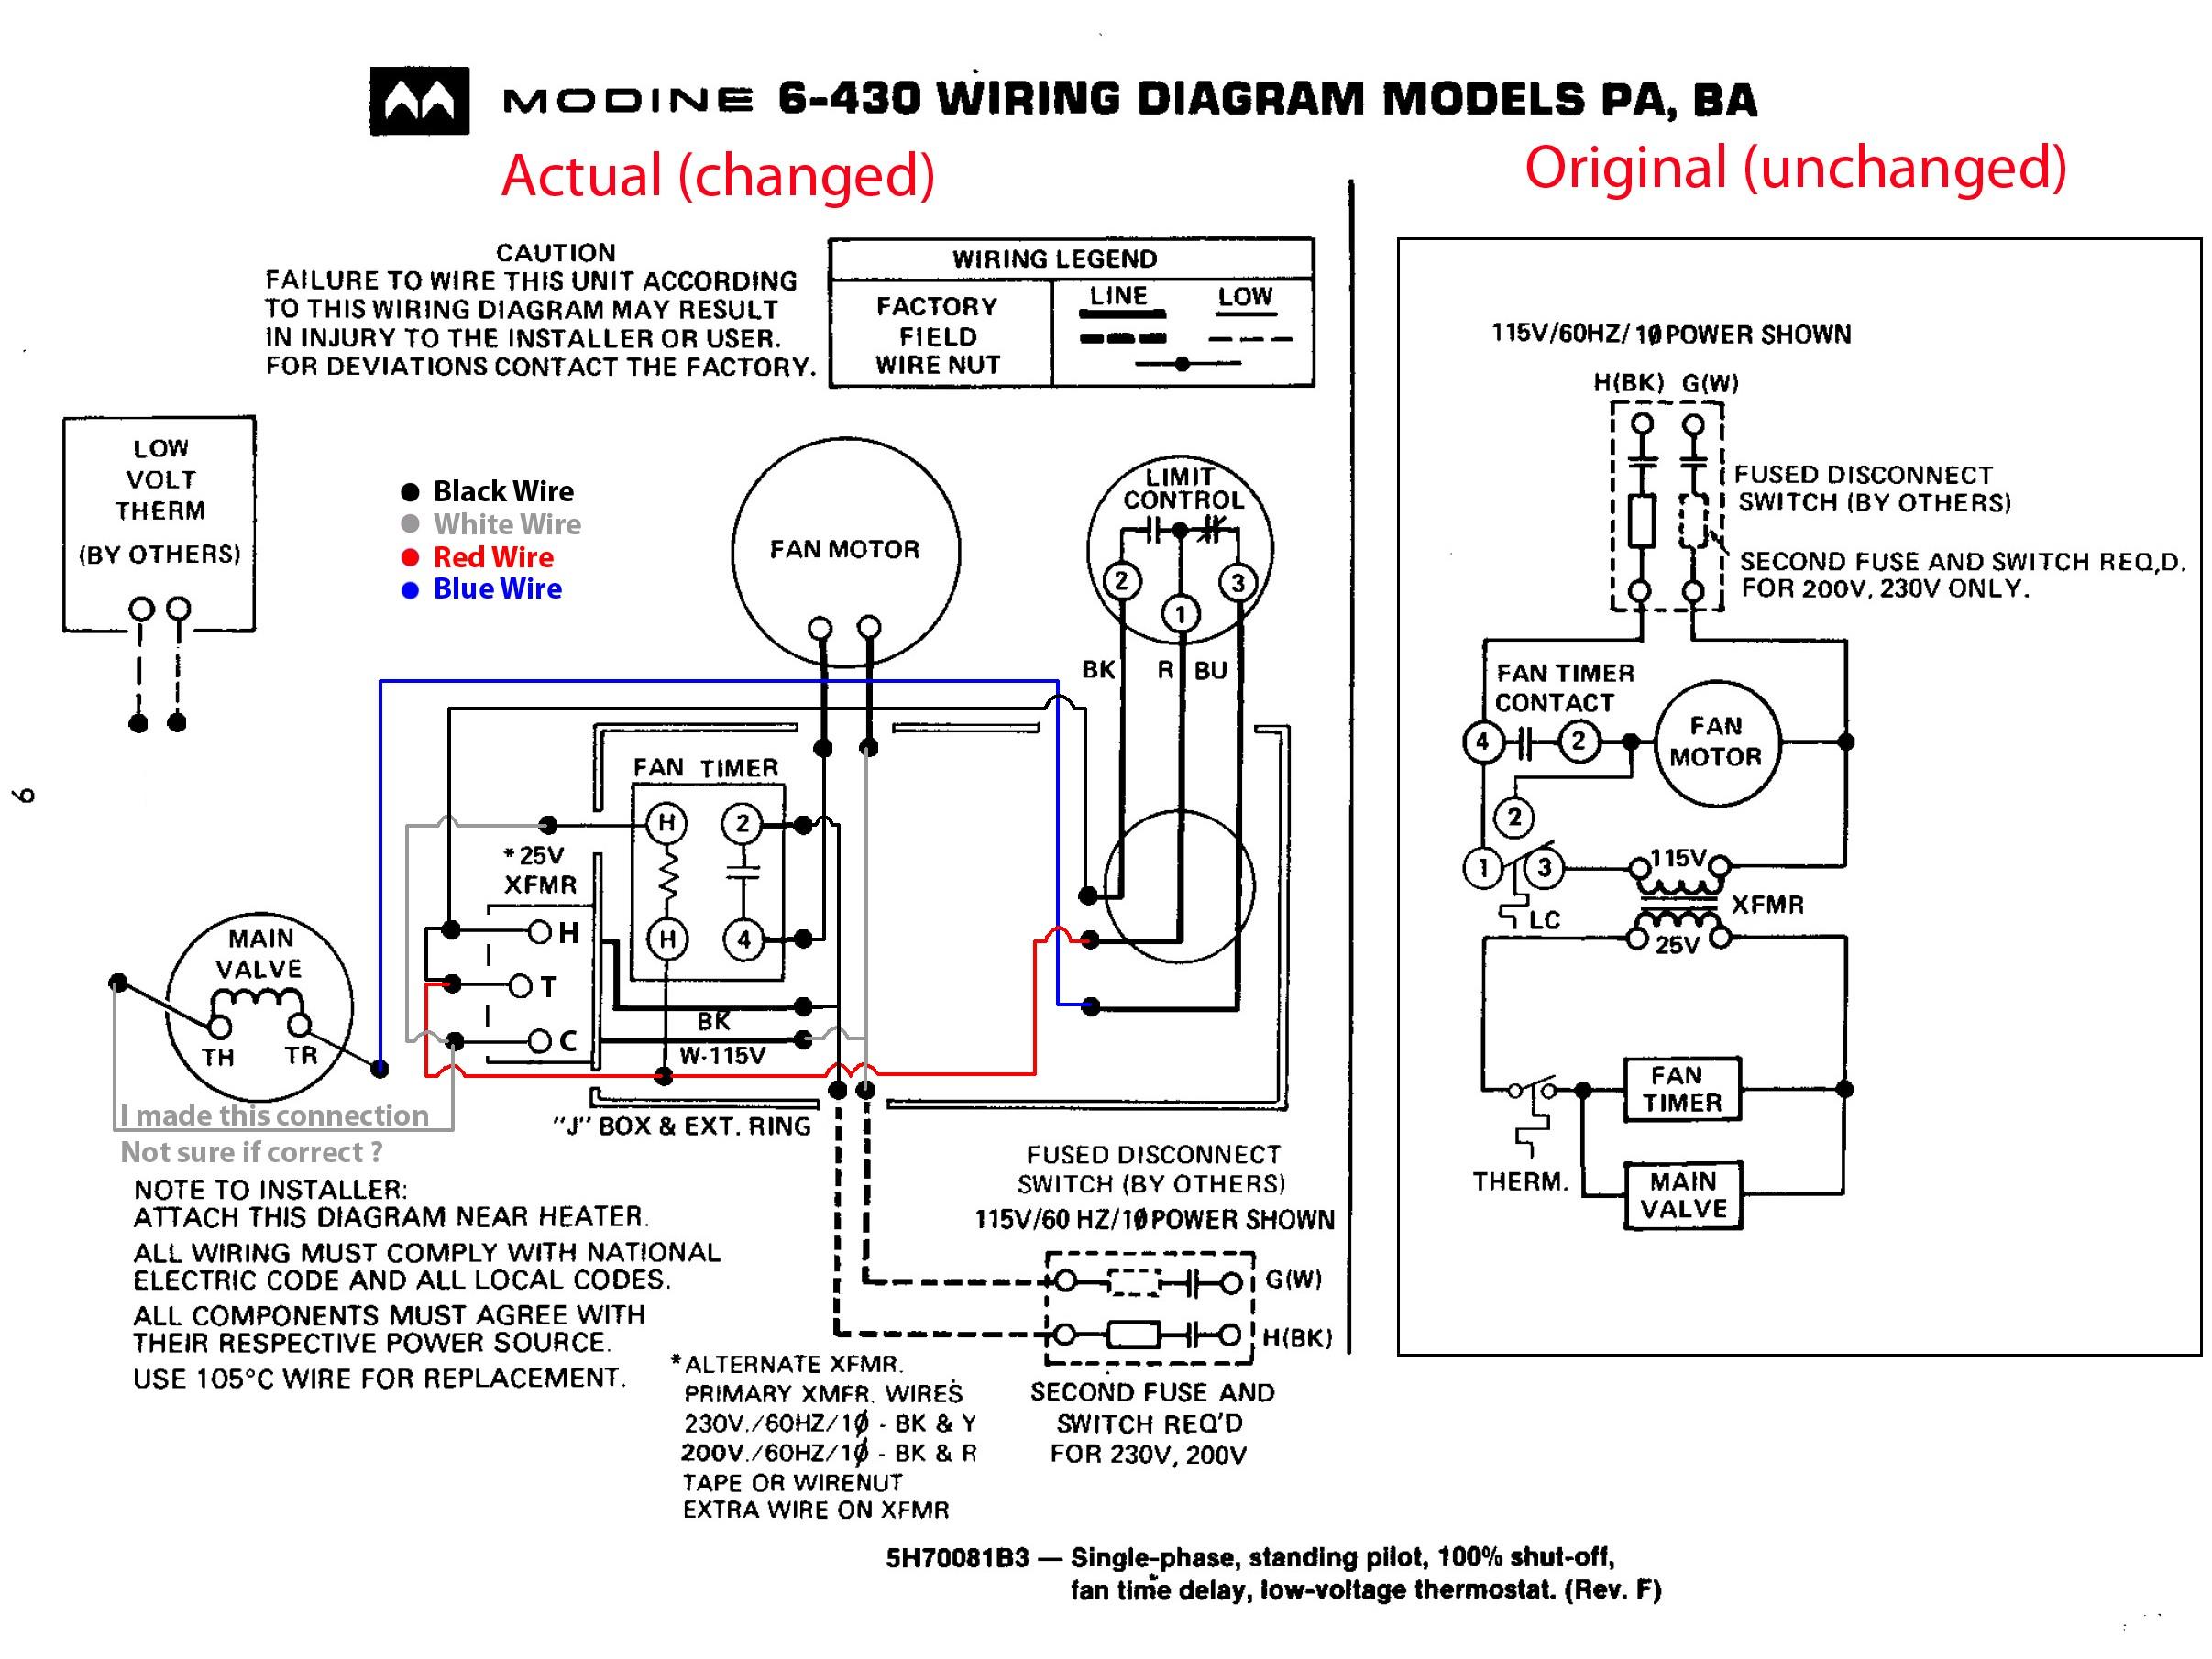 Furnace Transformer Wiring Diagram Ar Wiringdiagram Ampliarmostrardiagrama Yamahawr250 Wiring Of Furnace Transformer Wiring Diagram